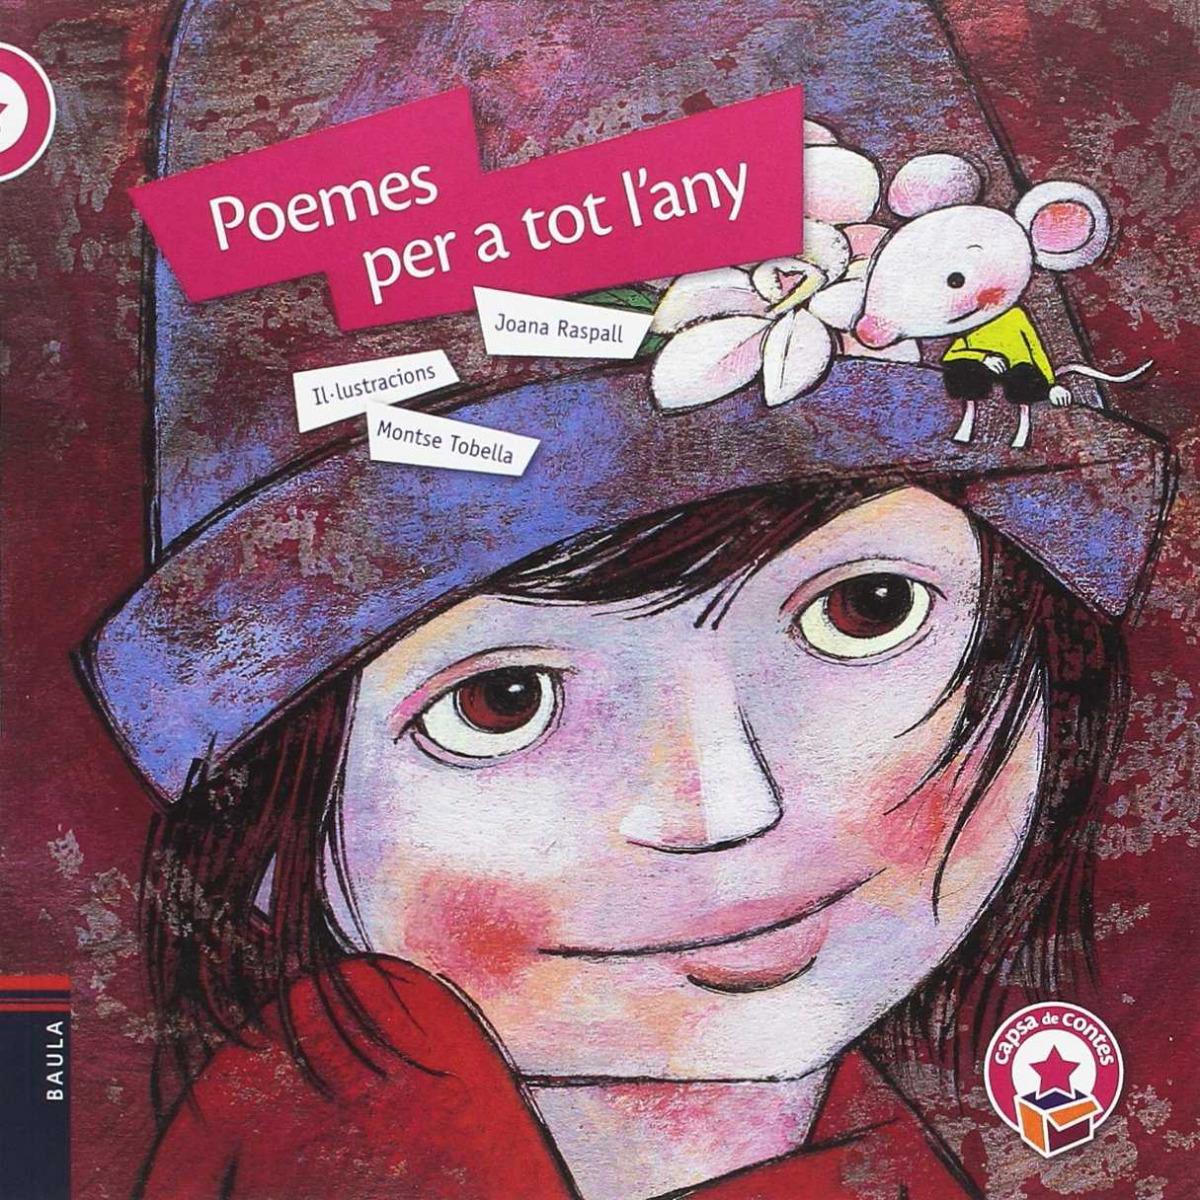 Poemes per tot l any CAPSA DE CONTES 30 - Raspall, Joana